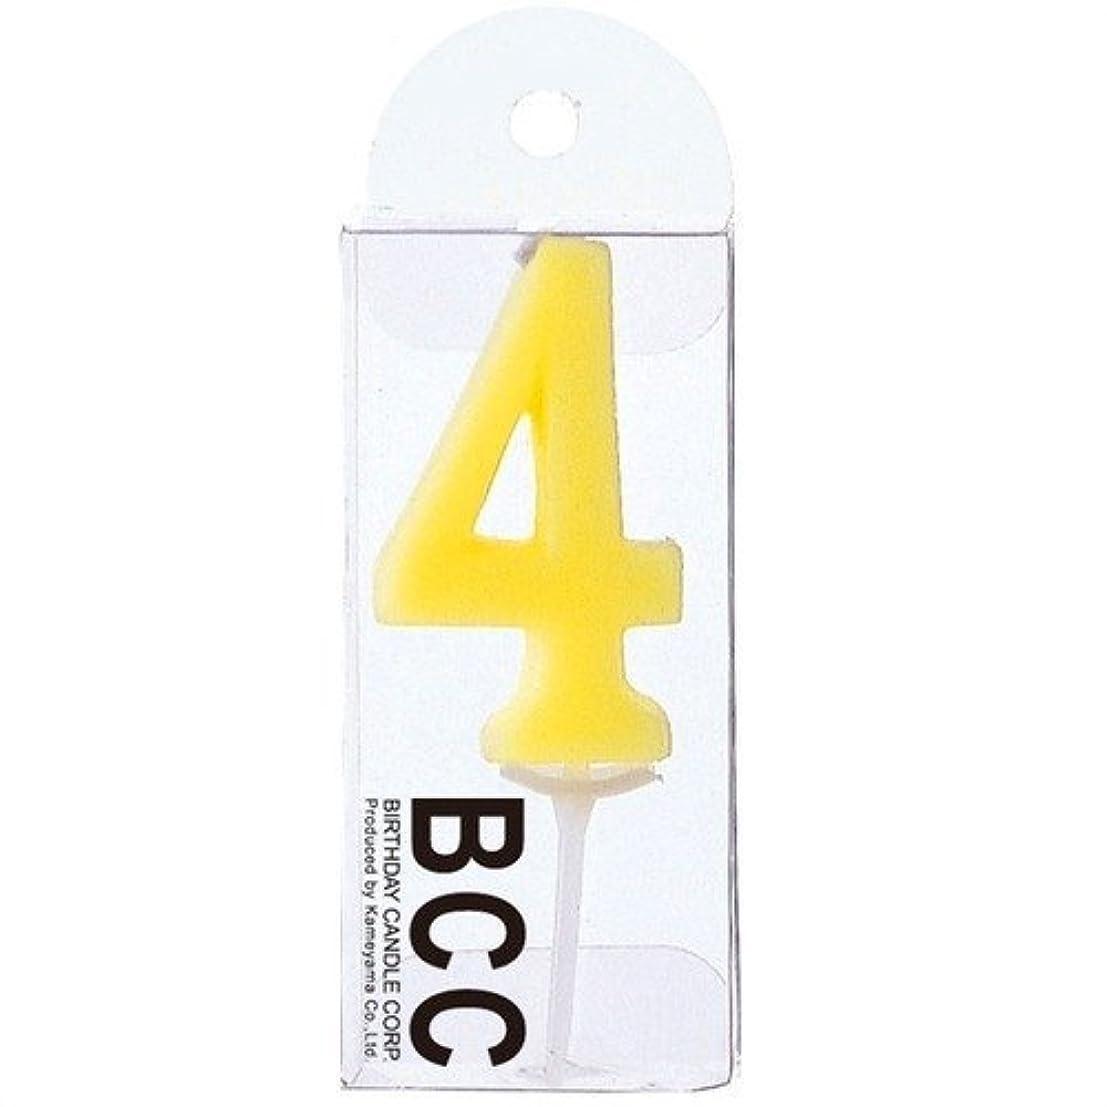 熱ロゴ劇的ナンバーキャンドルパステル4番 「 アイボリー 」 3個セット